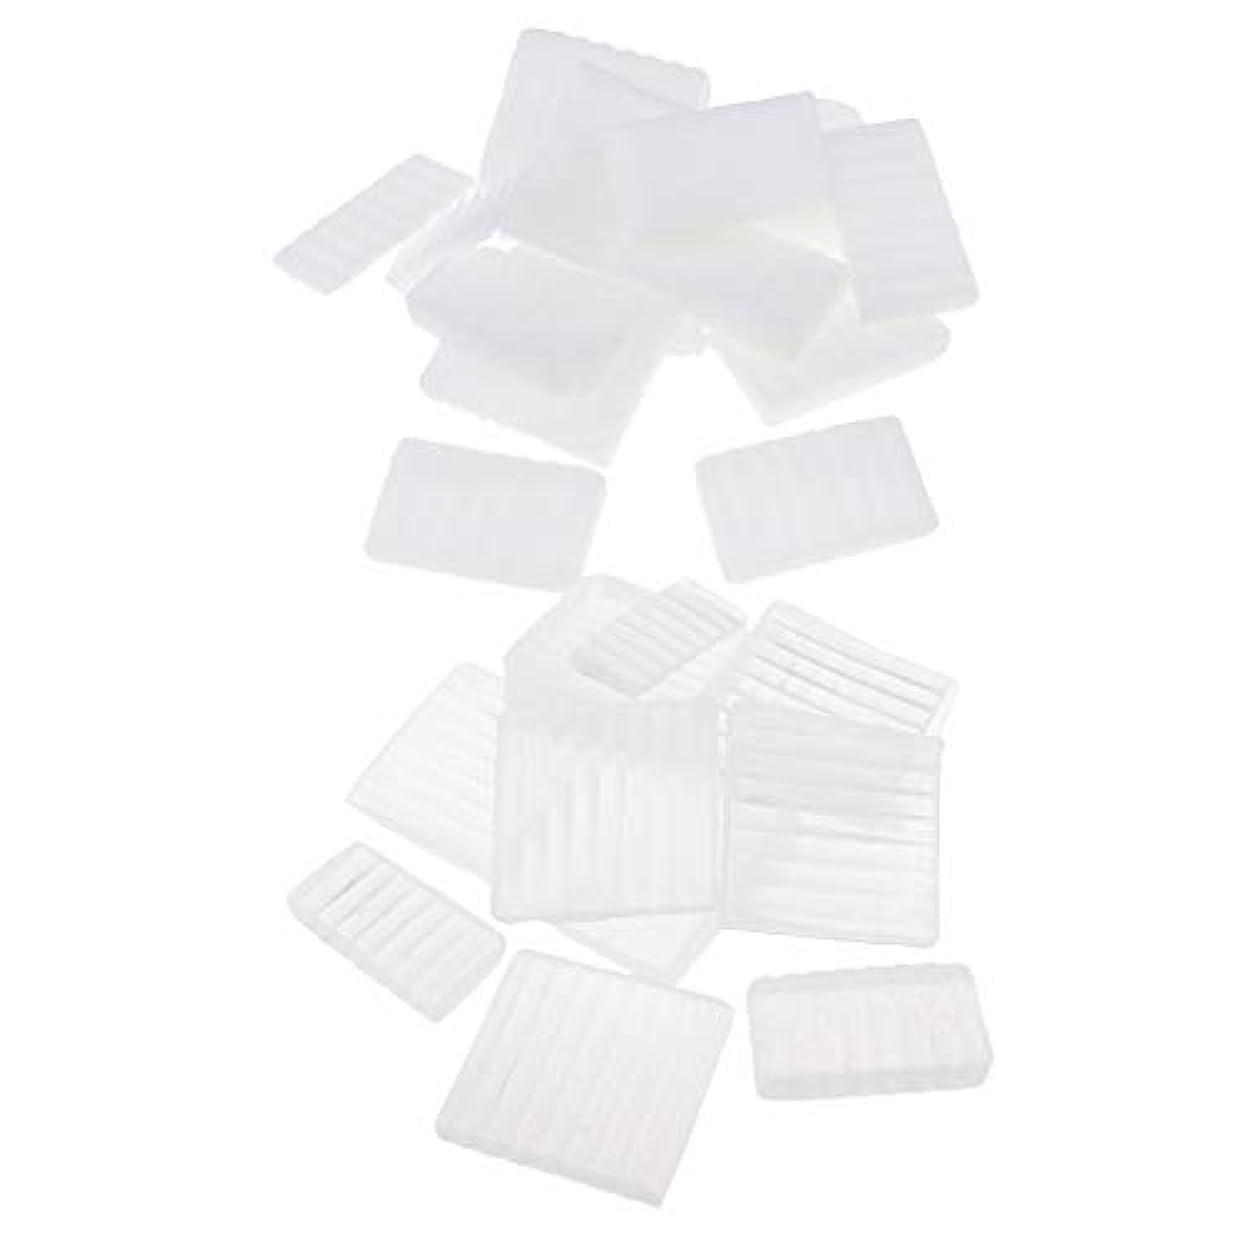 バナー収束ご予約dailymall 石鹸ベース ソープメイキング素材 ソープ グリセリンソープ ハンドメイド 石鹸材料